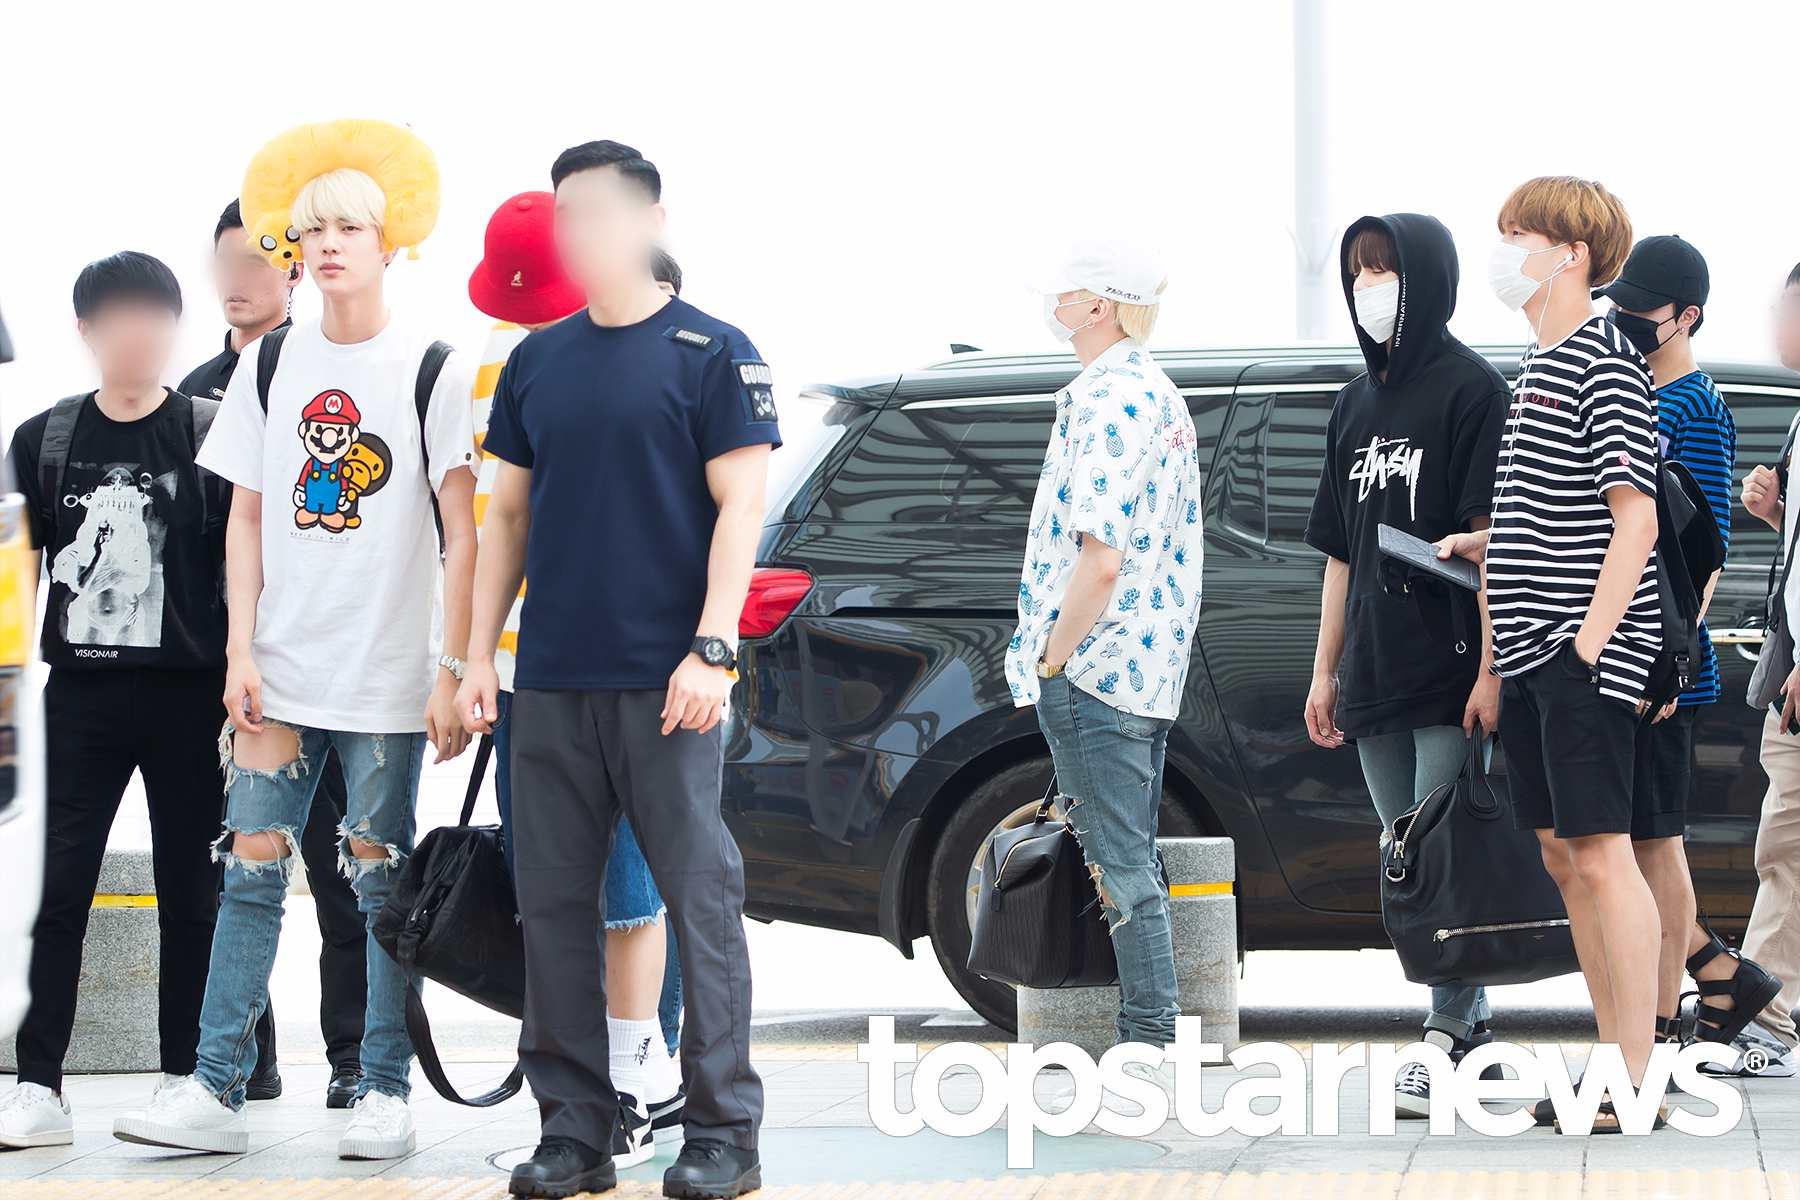 其他成員好像也都一直盯著Jin看,是不是覺得我們的大哥今天到底怎麼了XD